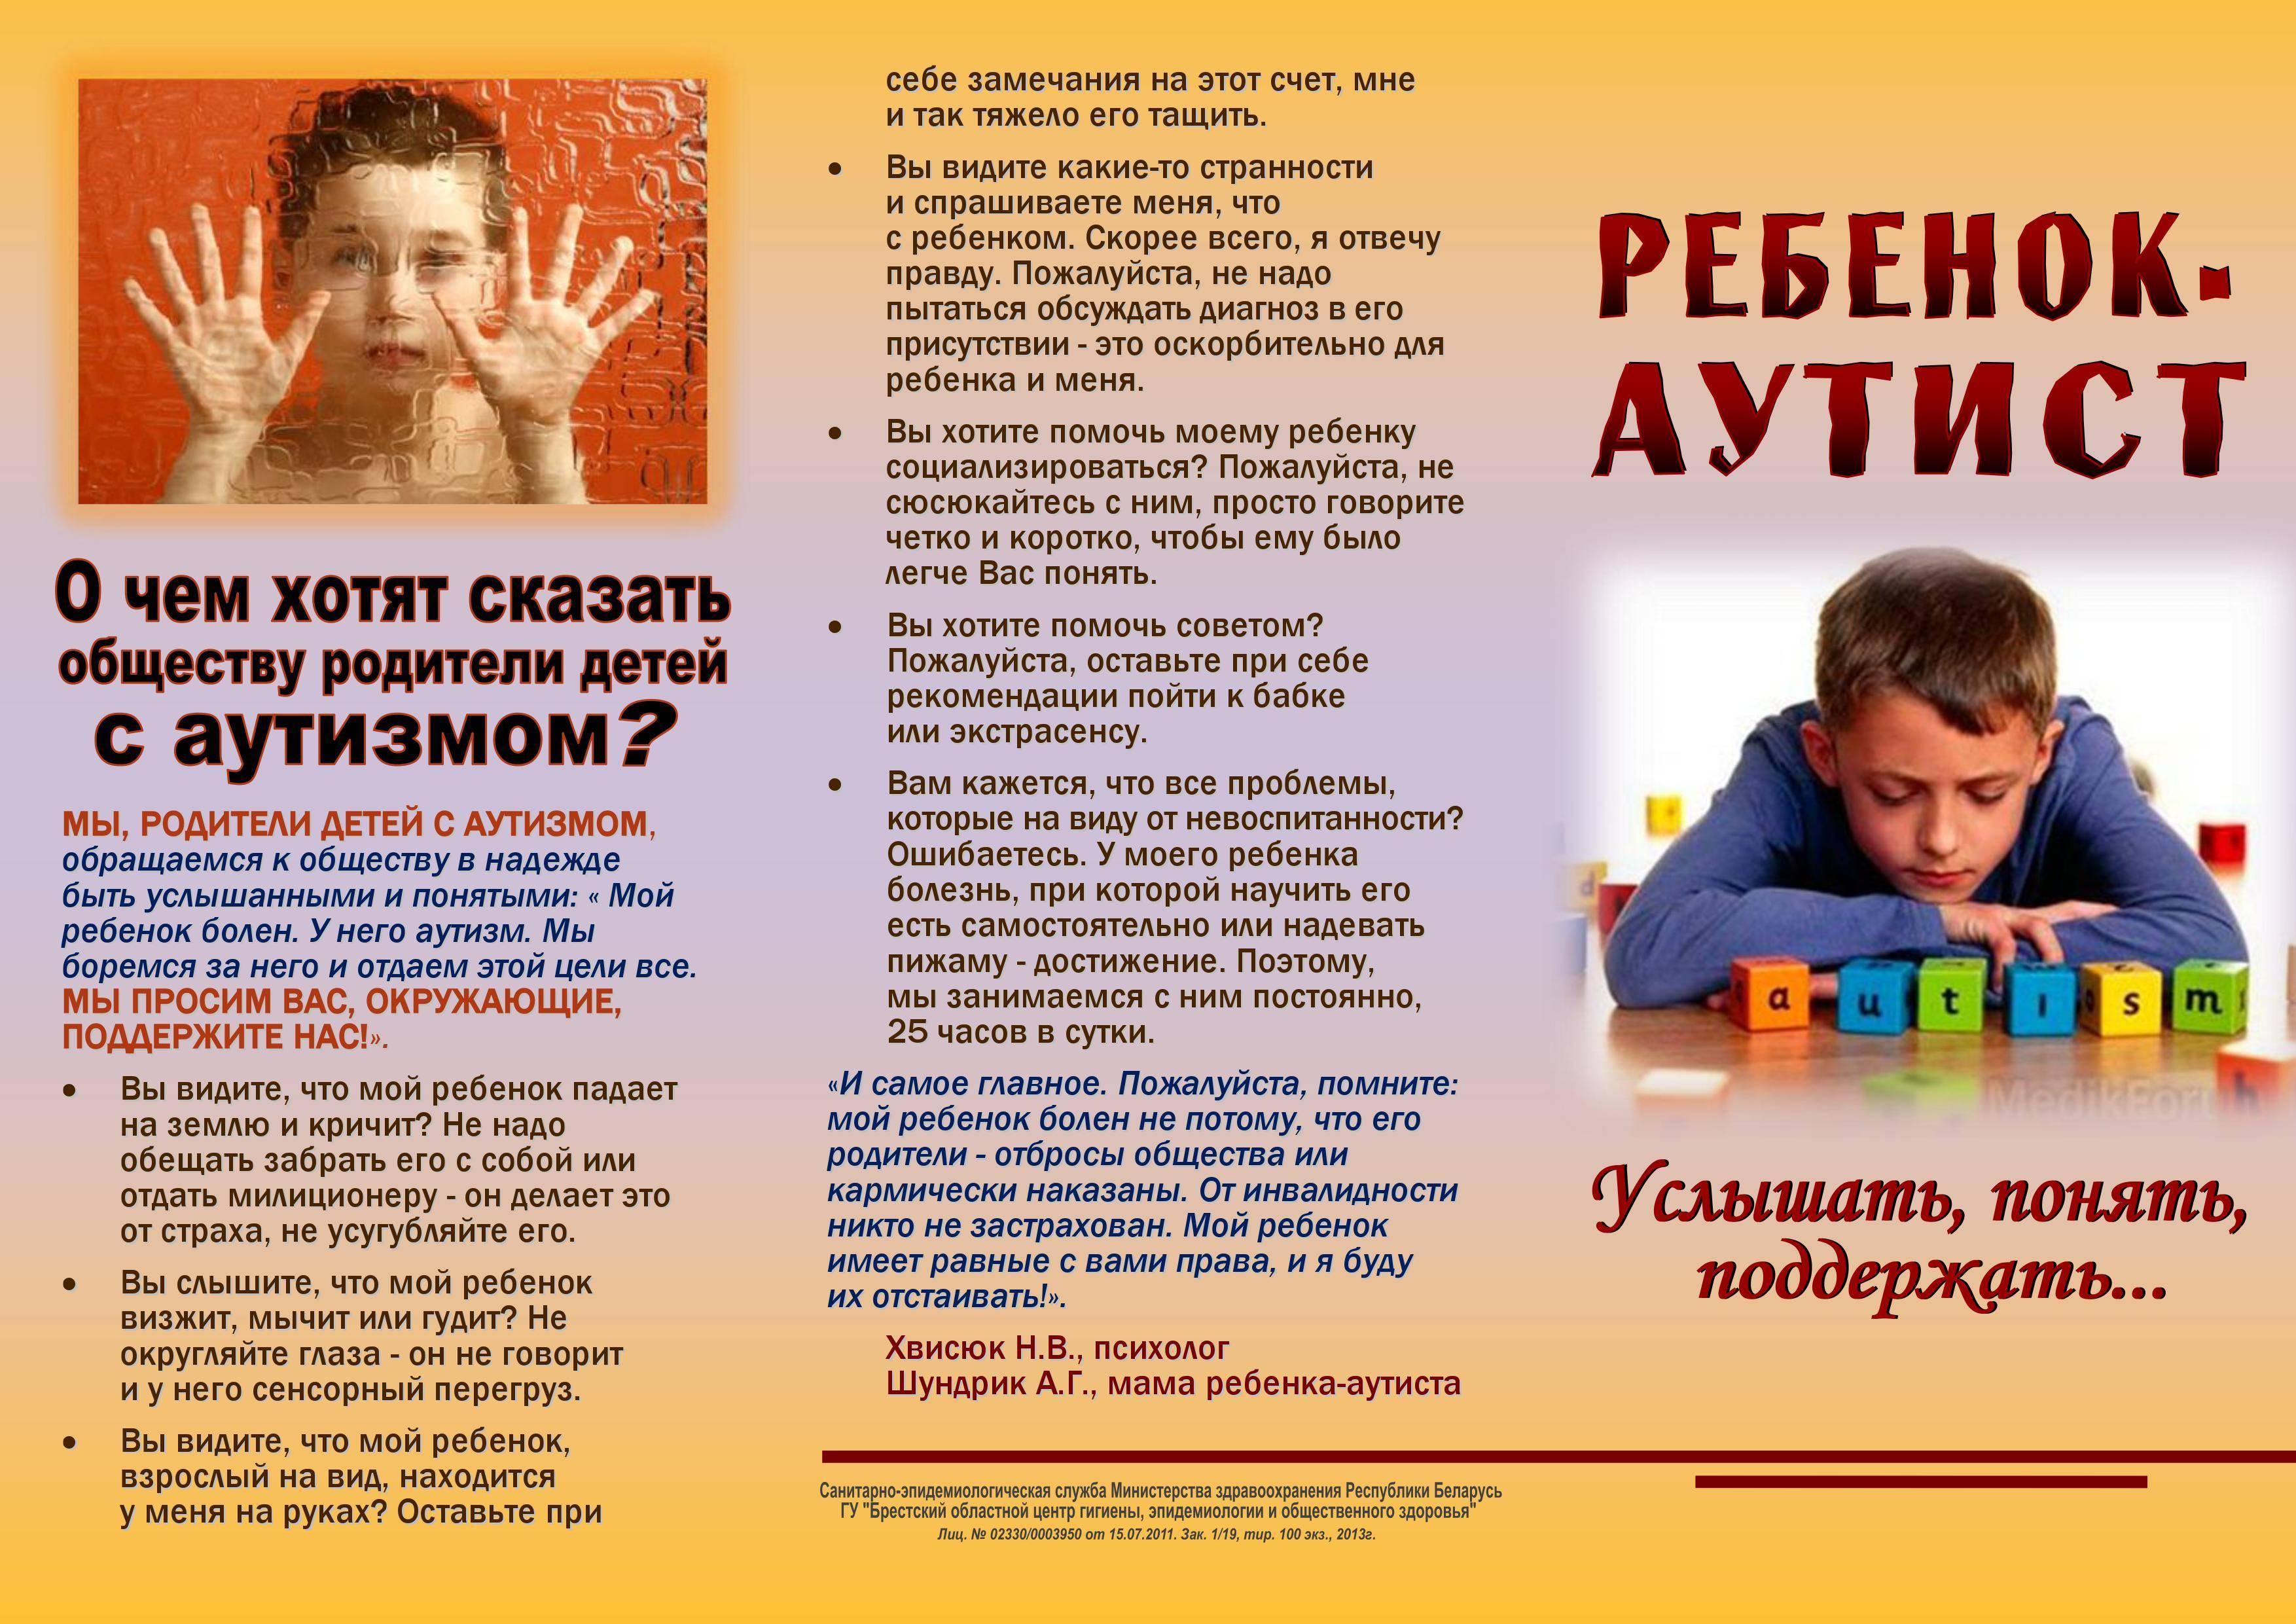 Аутизм. наша история. нужна литература/информация по коррекции!